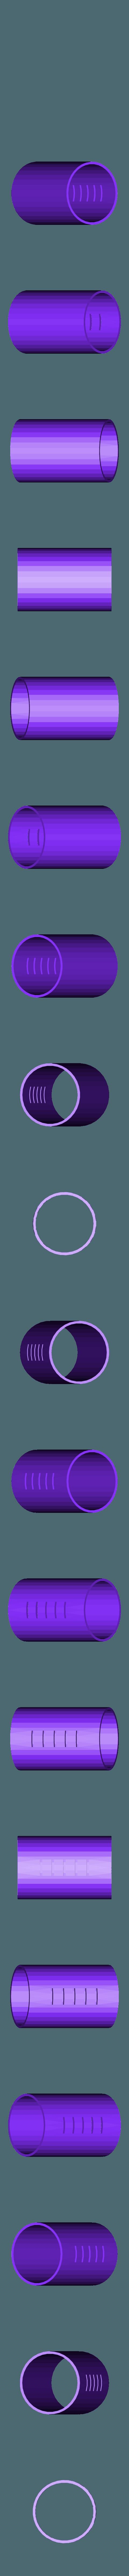 invelox_tube_3.stl Download free STL file invelox • 3D printable template, Pudedrik